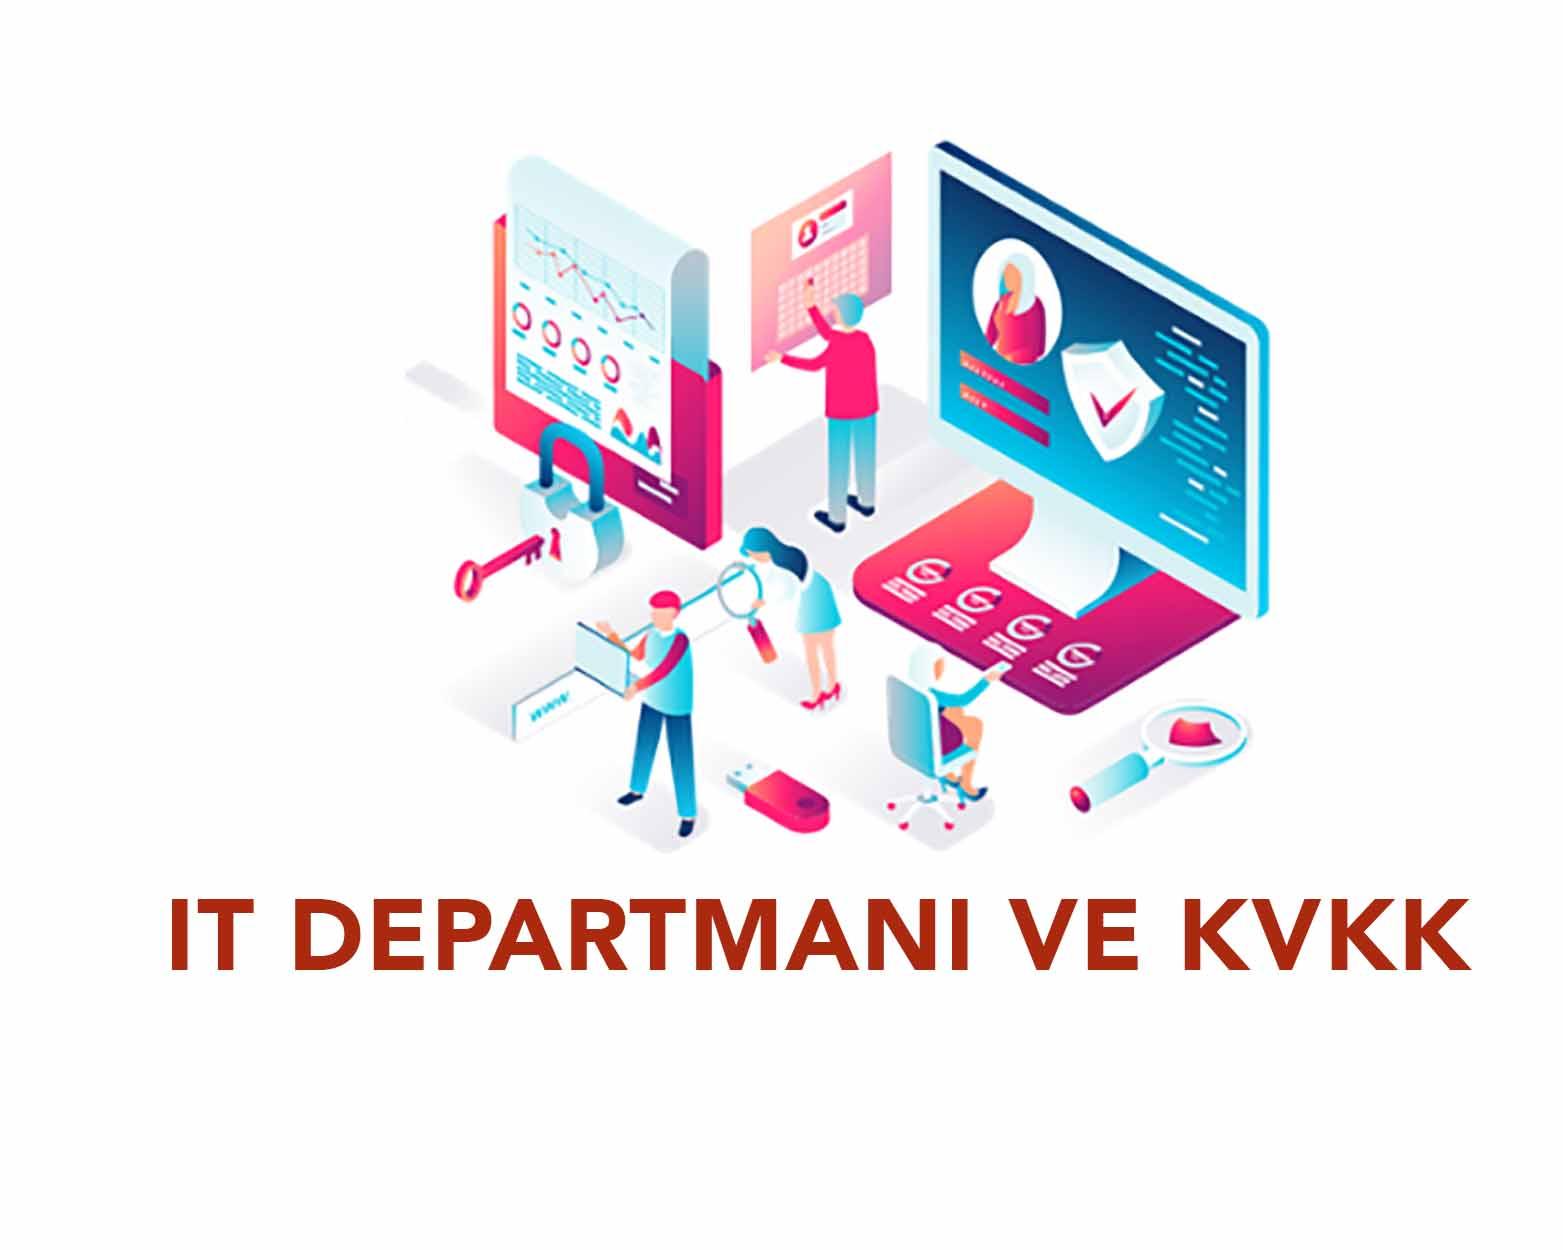 IT Departmanı için KVKK Rehberi